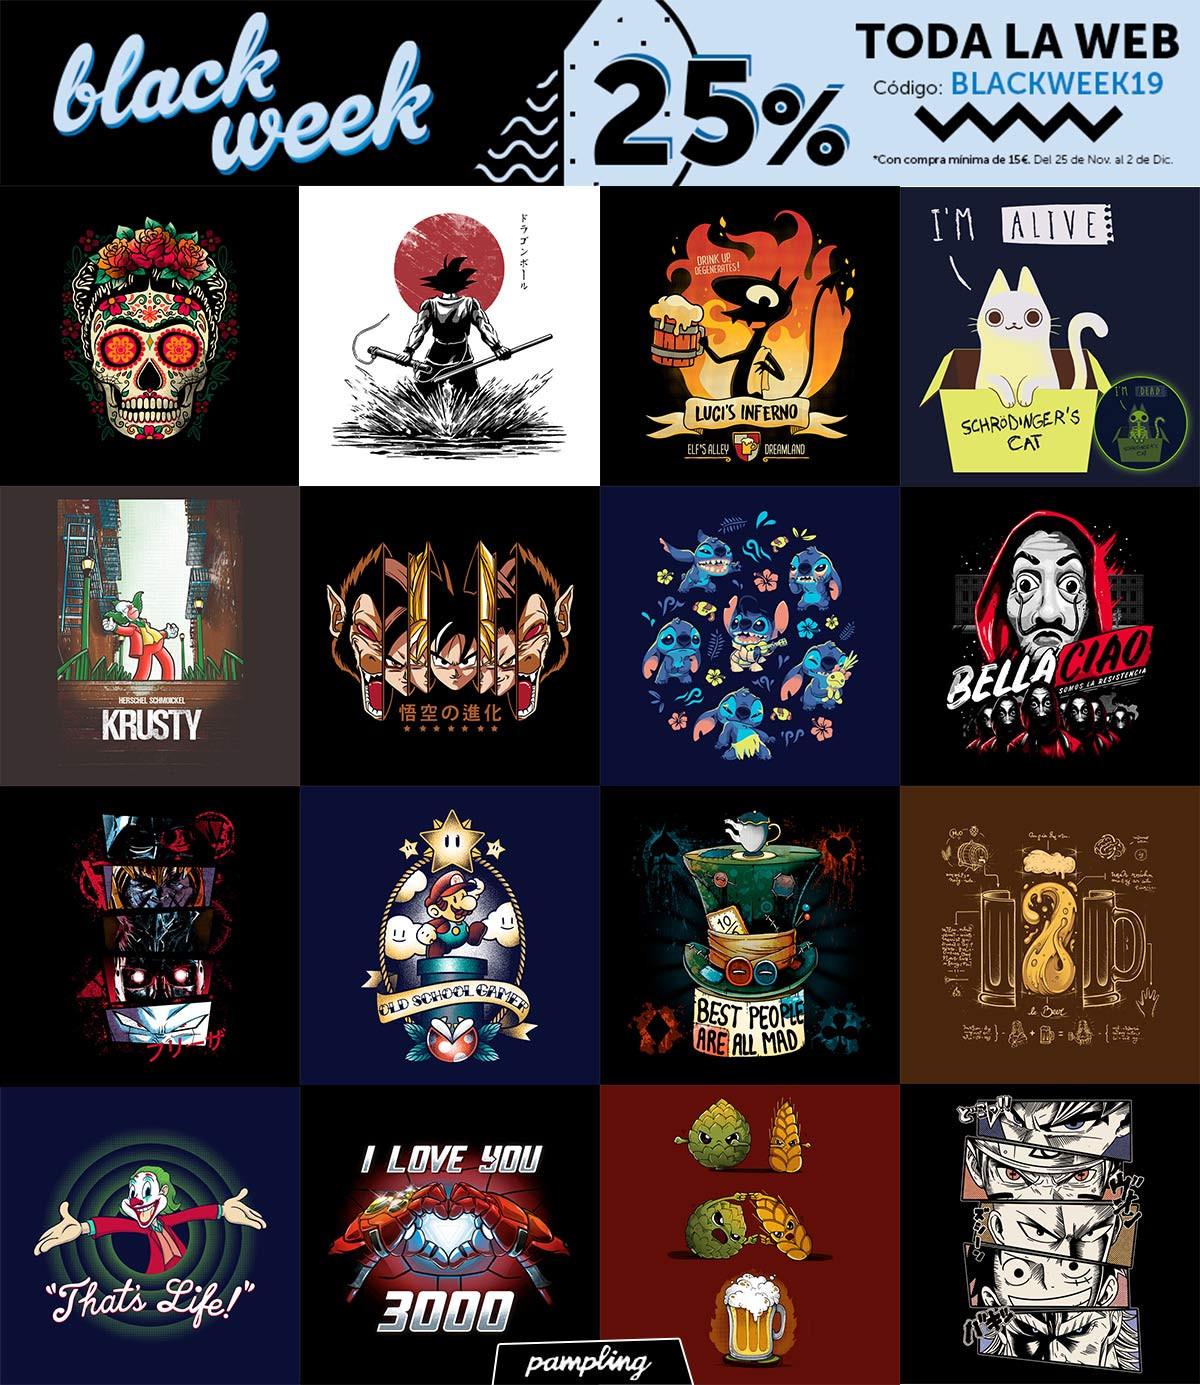 BLACK WEEK    -25% EN TODA LA WEB Y TIENDAS